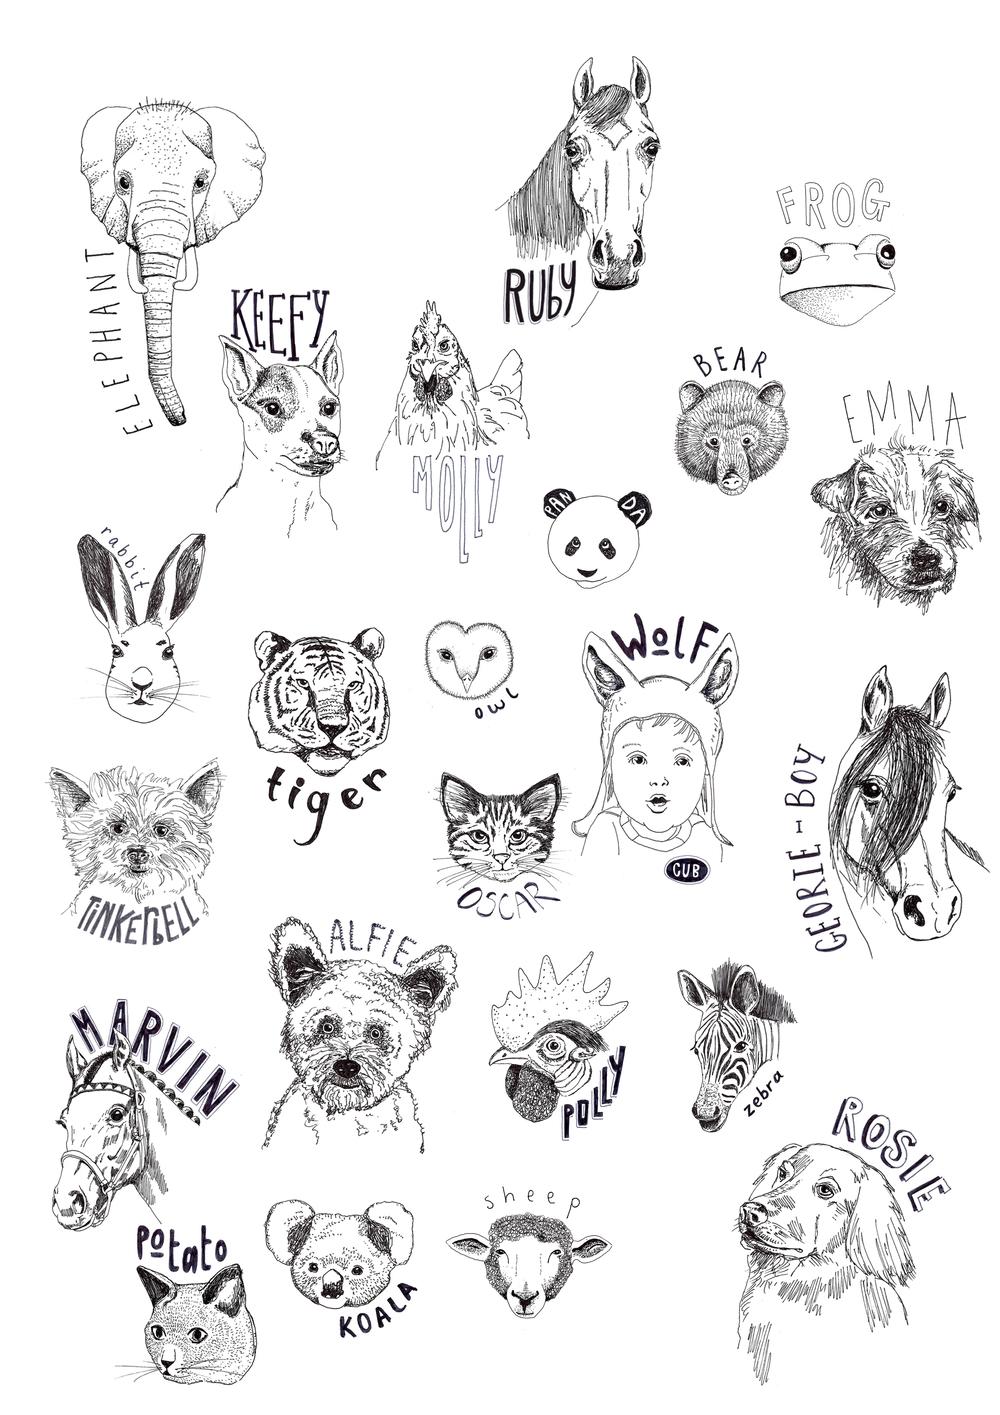 + Original Drawings